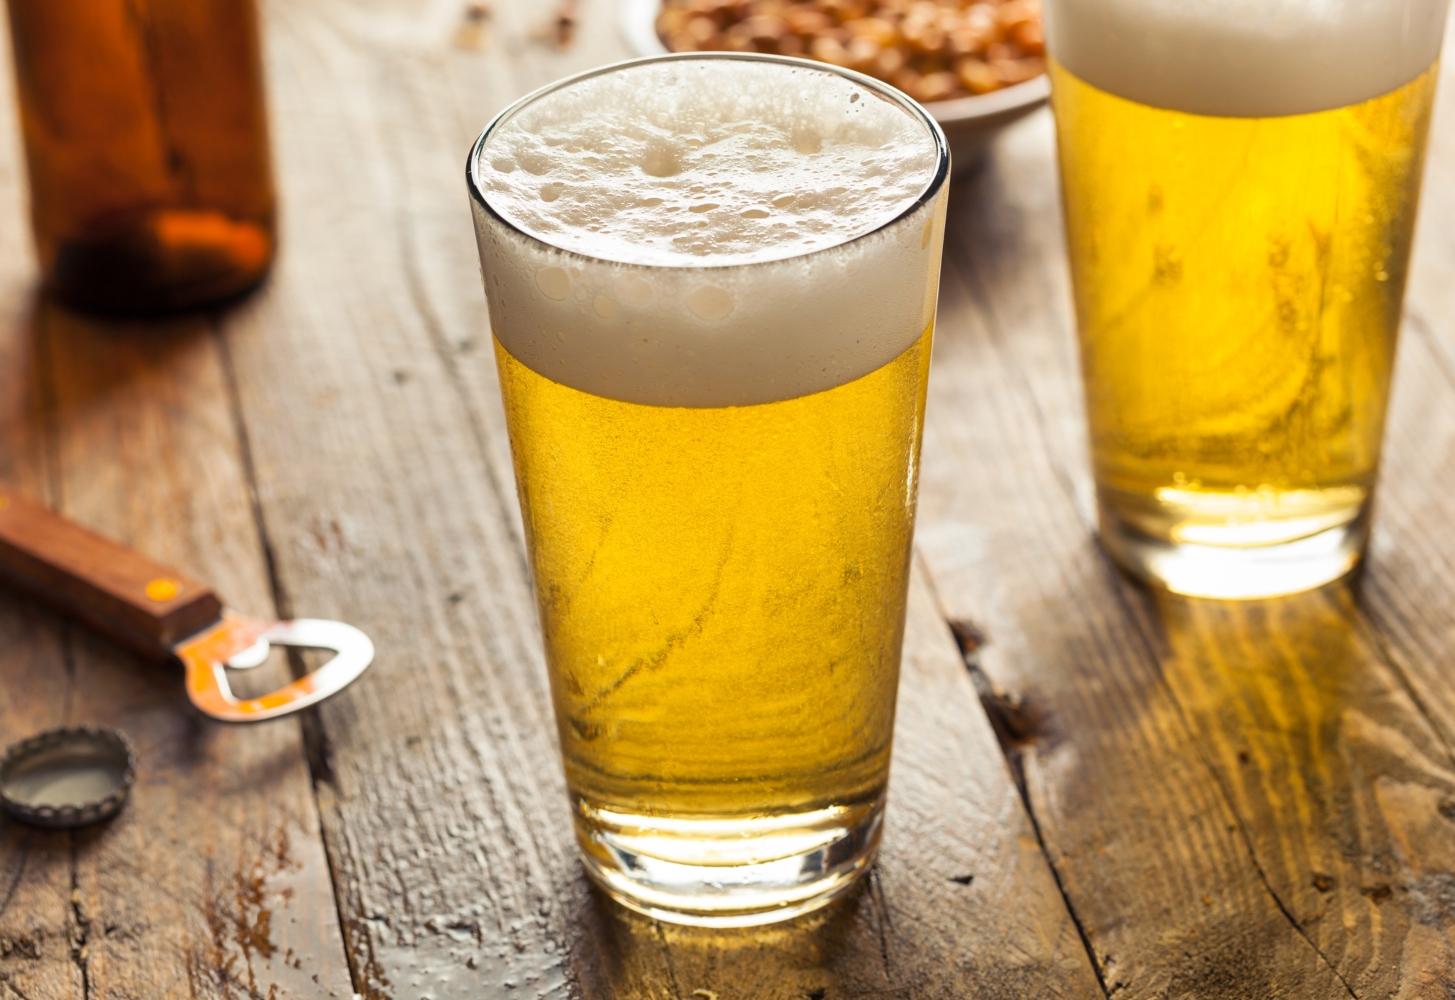 marvila recebe festa da cerveja